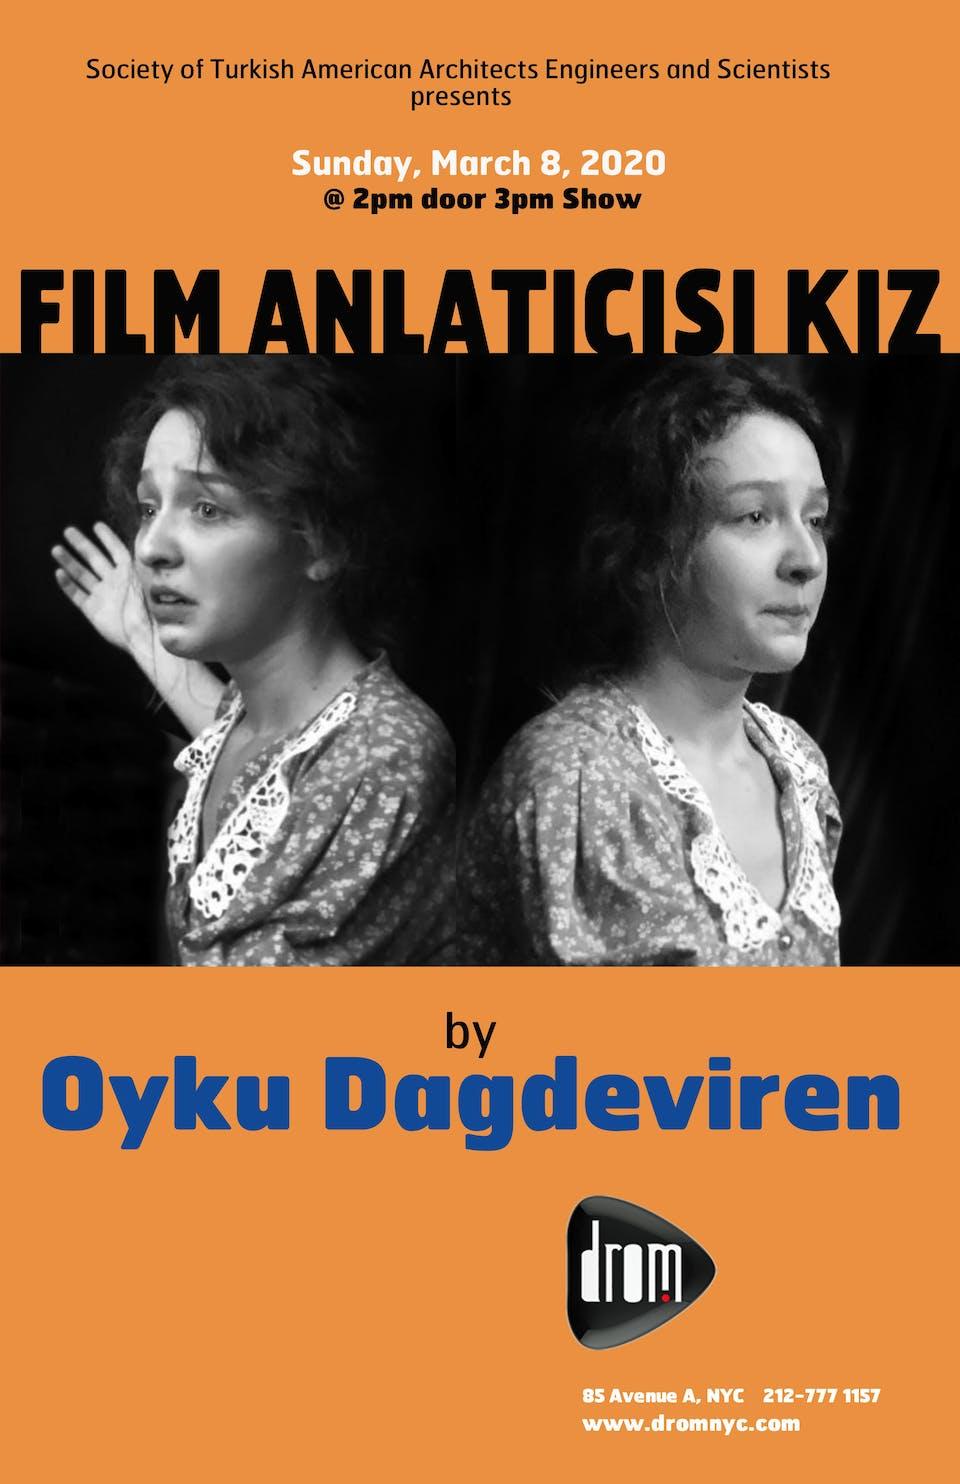 Film Anlaticisi Kiz By Oyku Dagdeviren